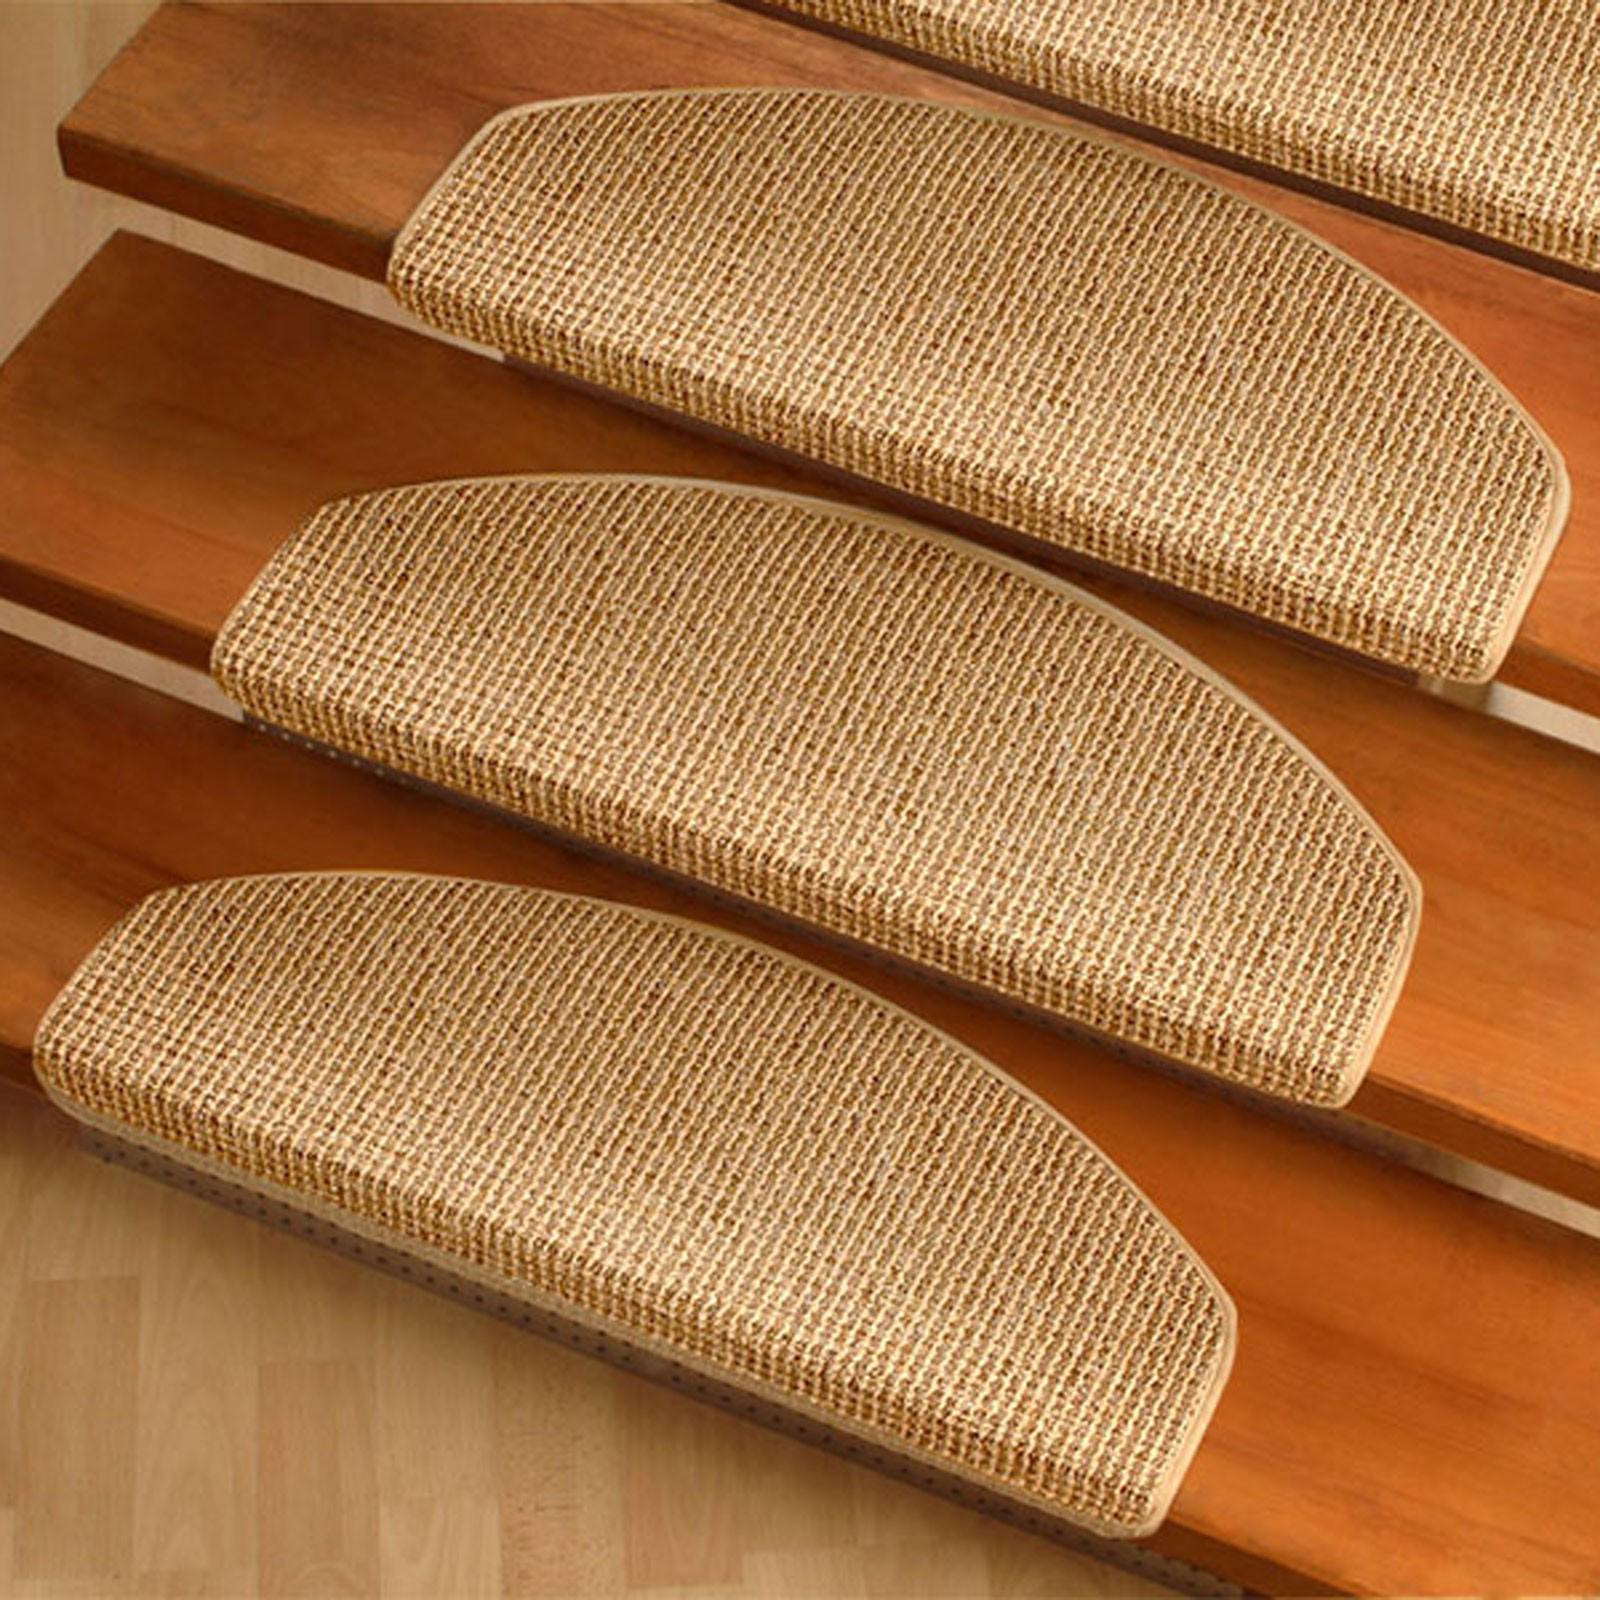 wie nennt man sowas bild haushalt deko teppich. Black Bedroom Furniture Sets. Home Design Ideas